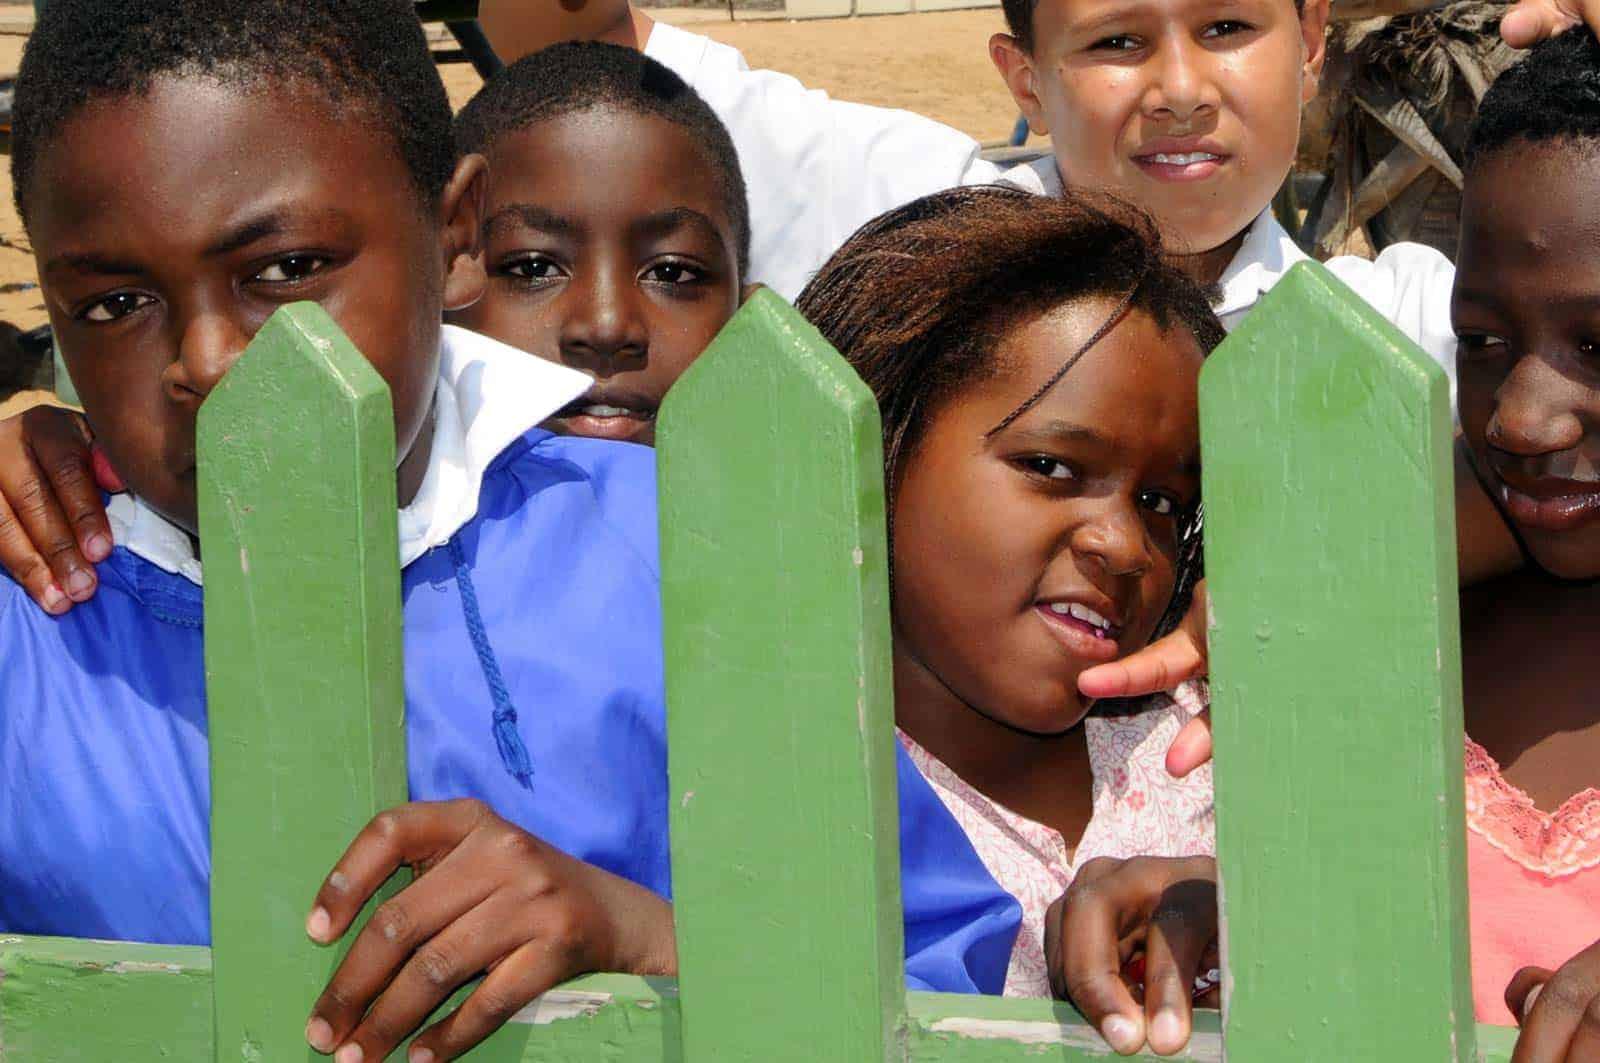 Crianças em Swakopmund